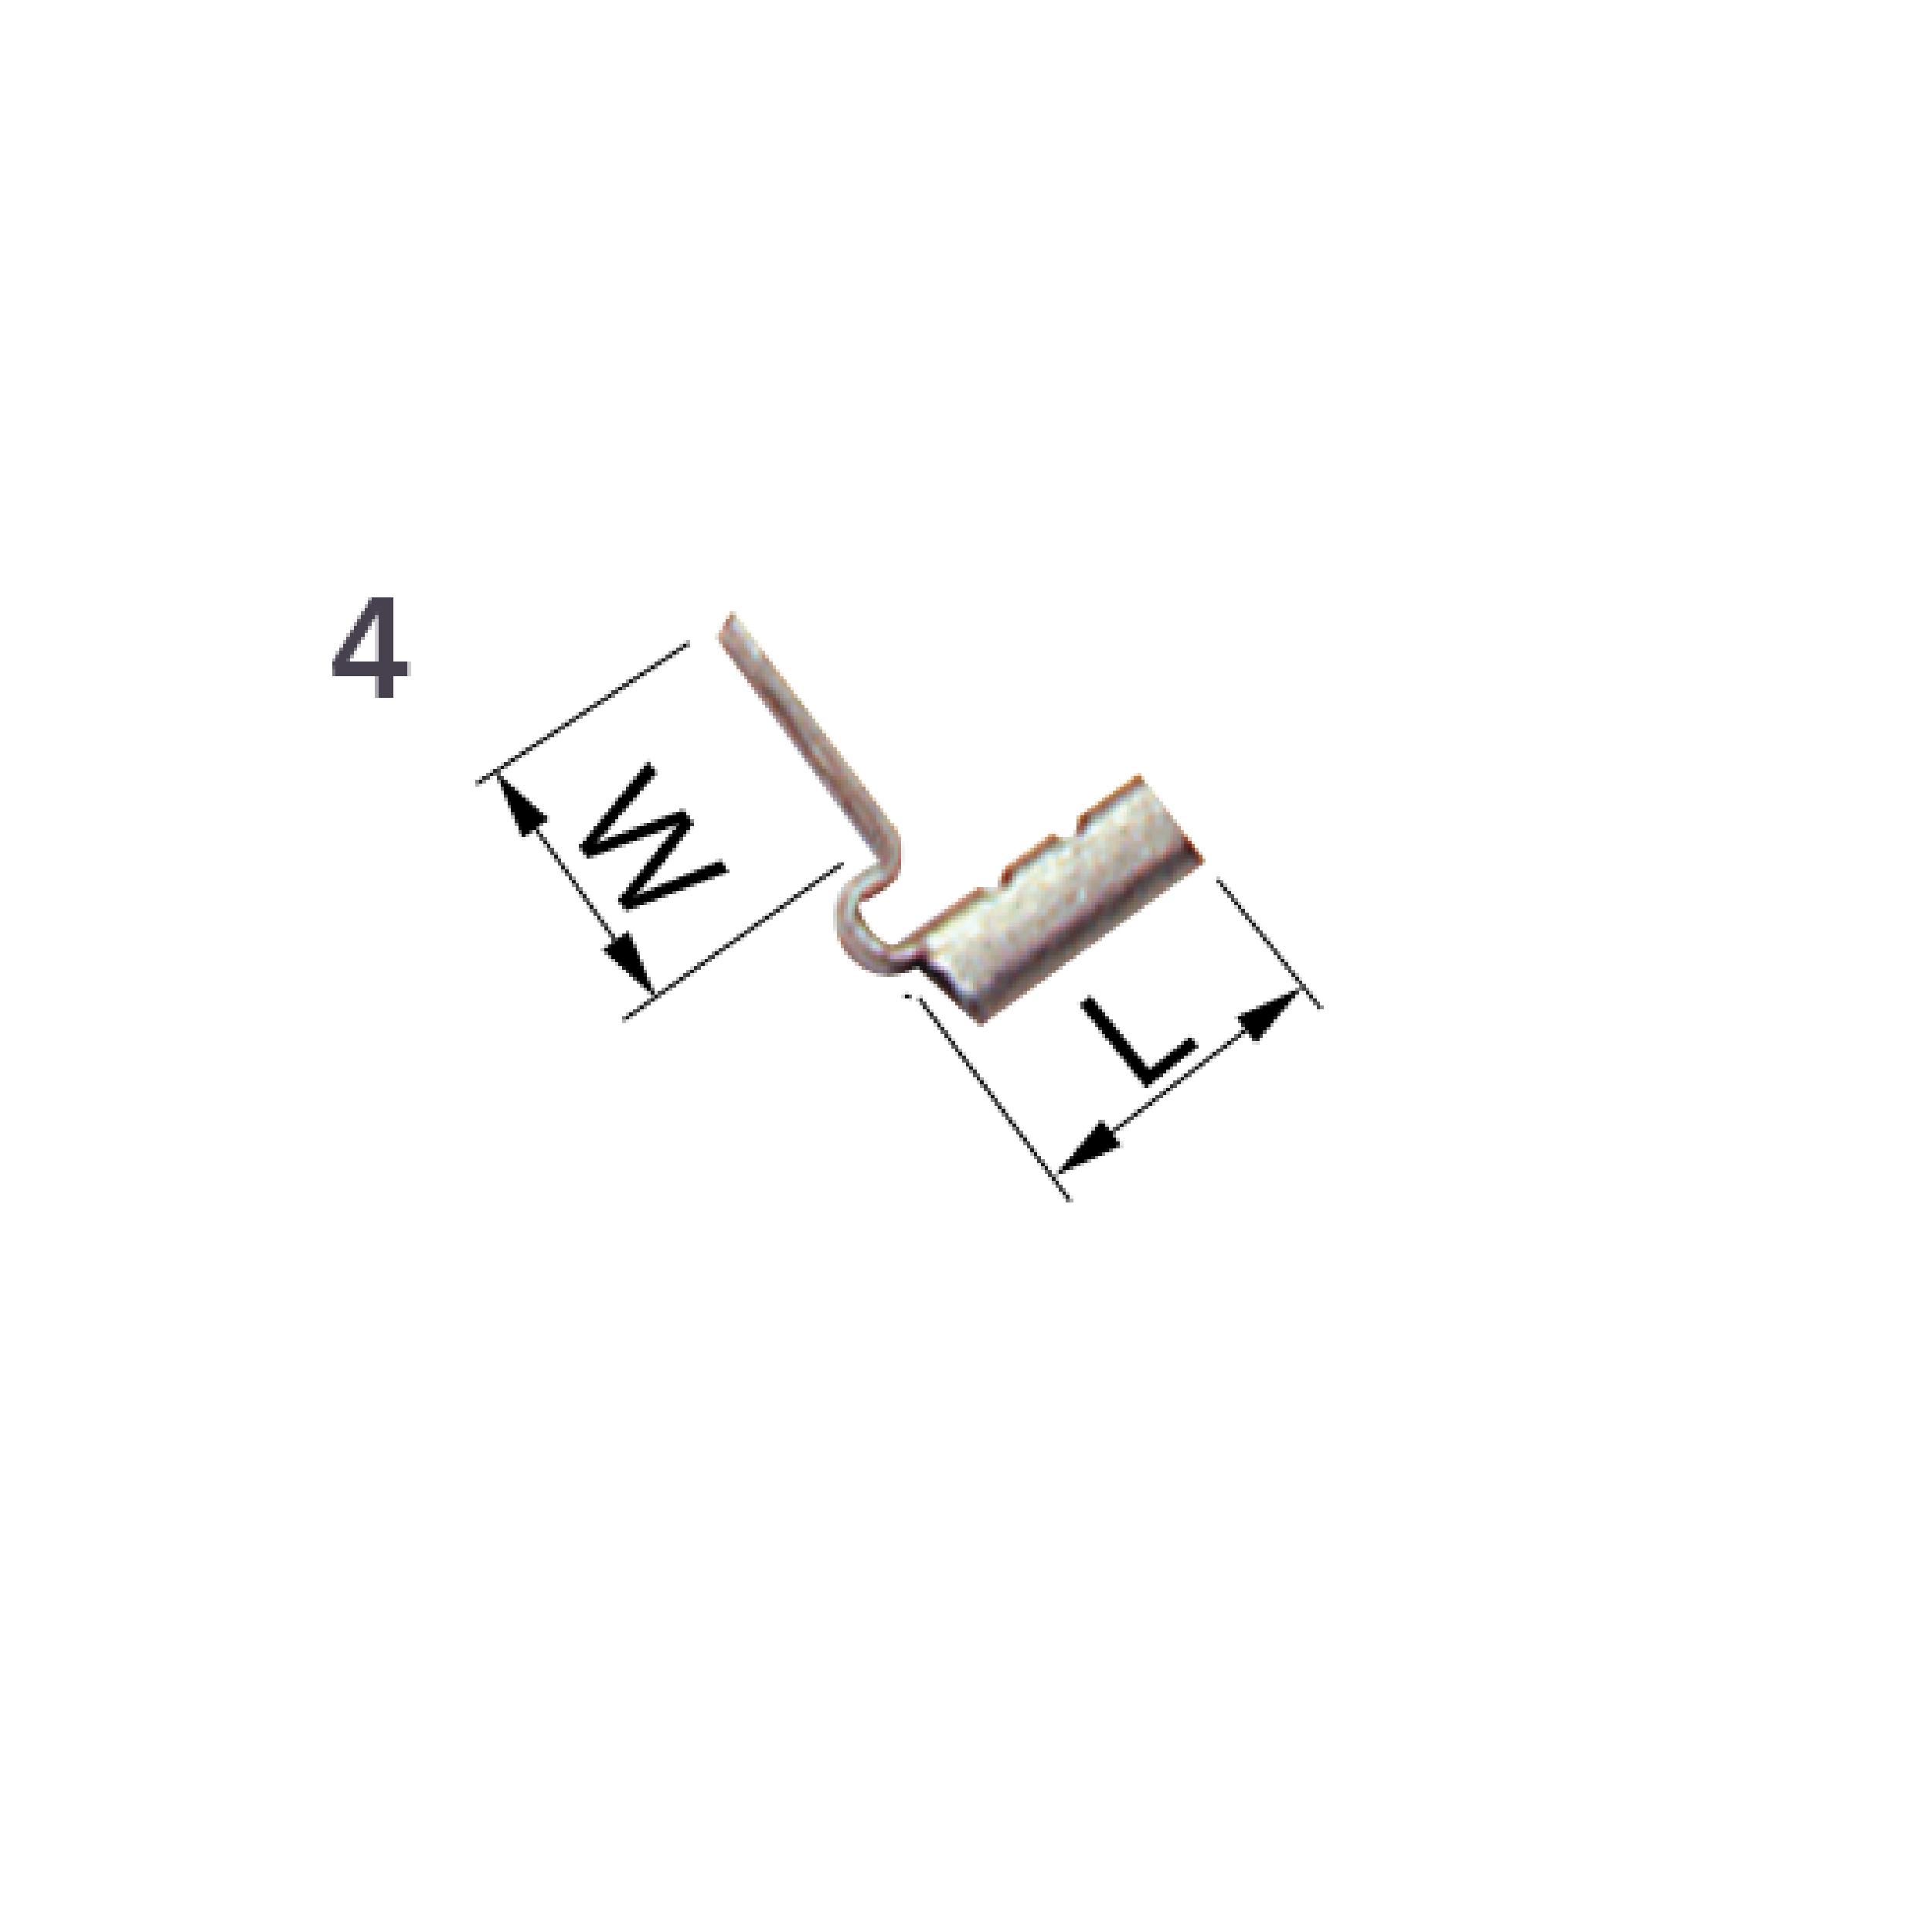 Elpress Un-Insulated Tabs 4. Part Number: B07FLS